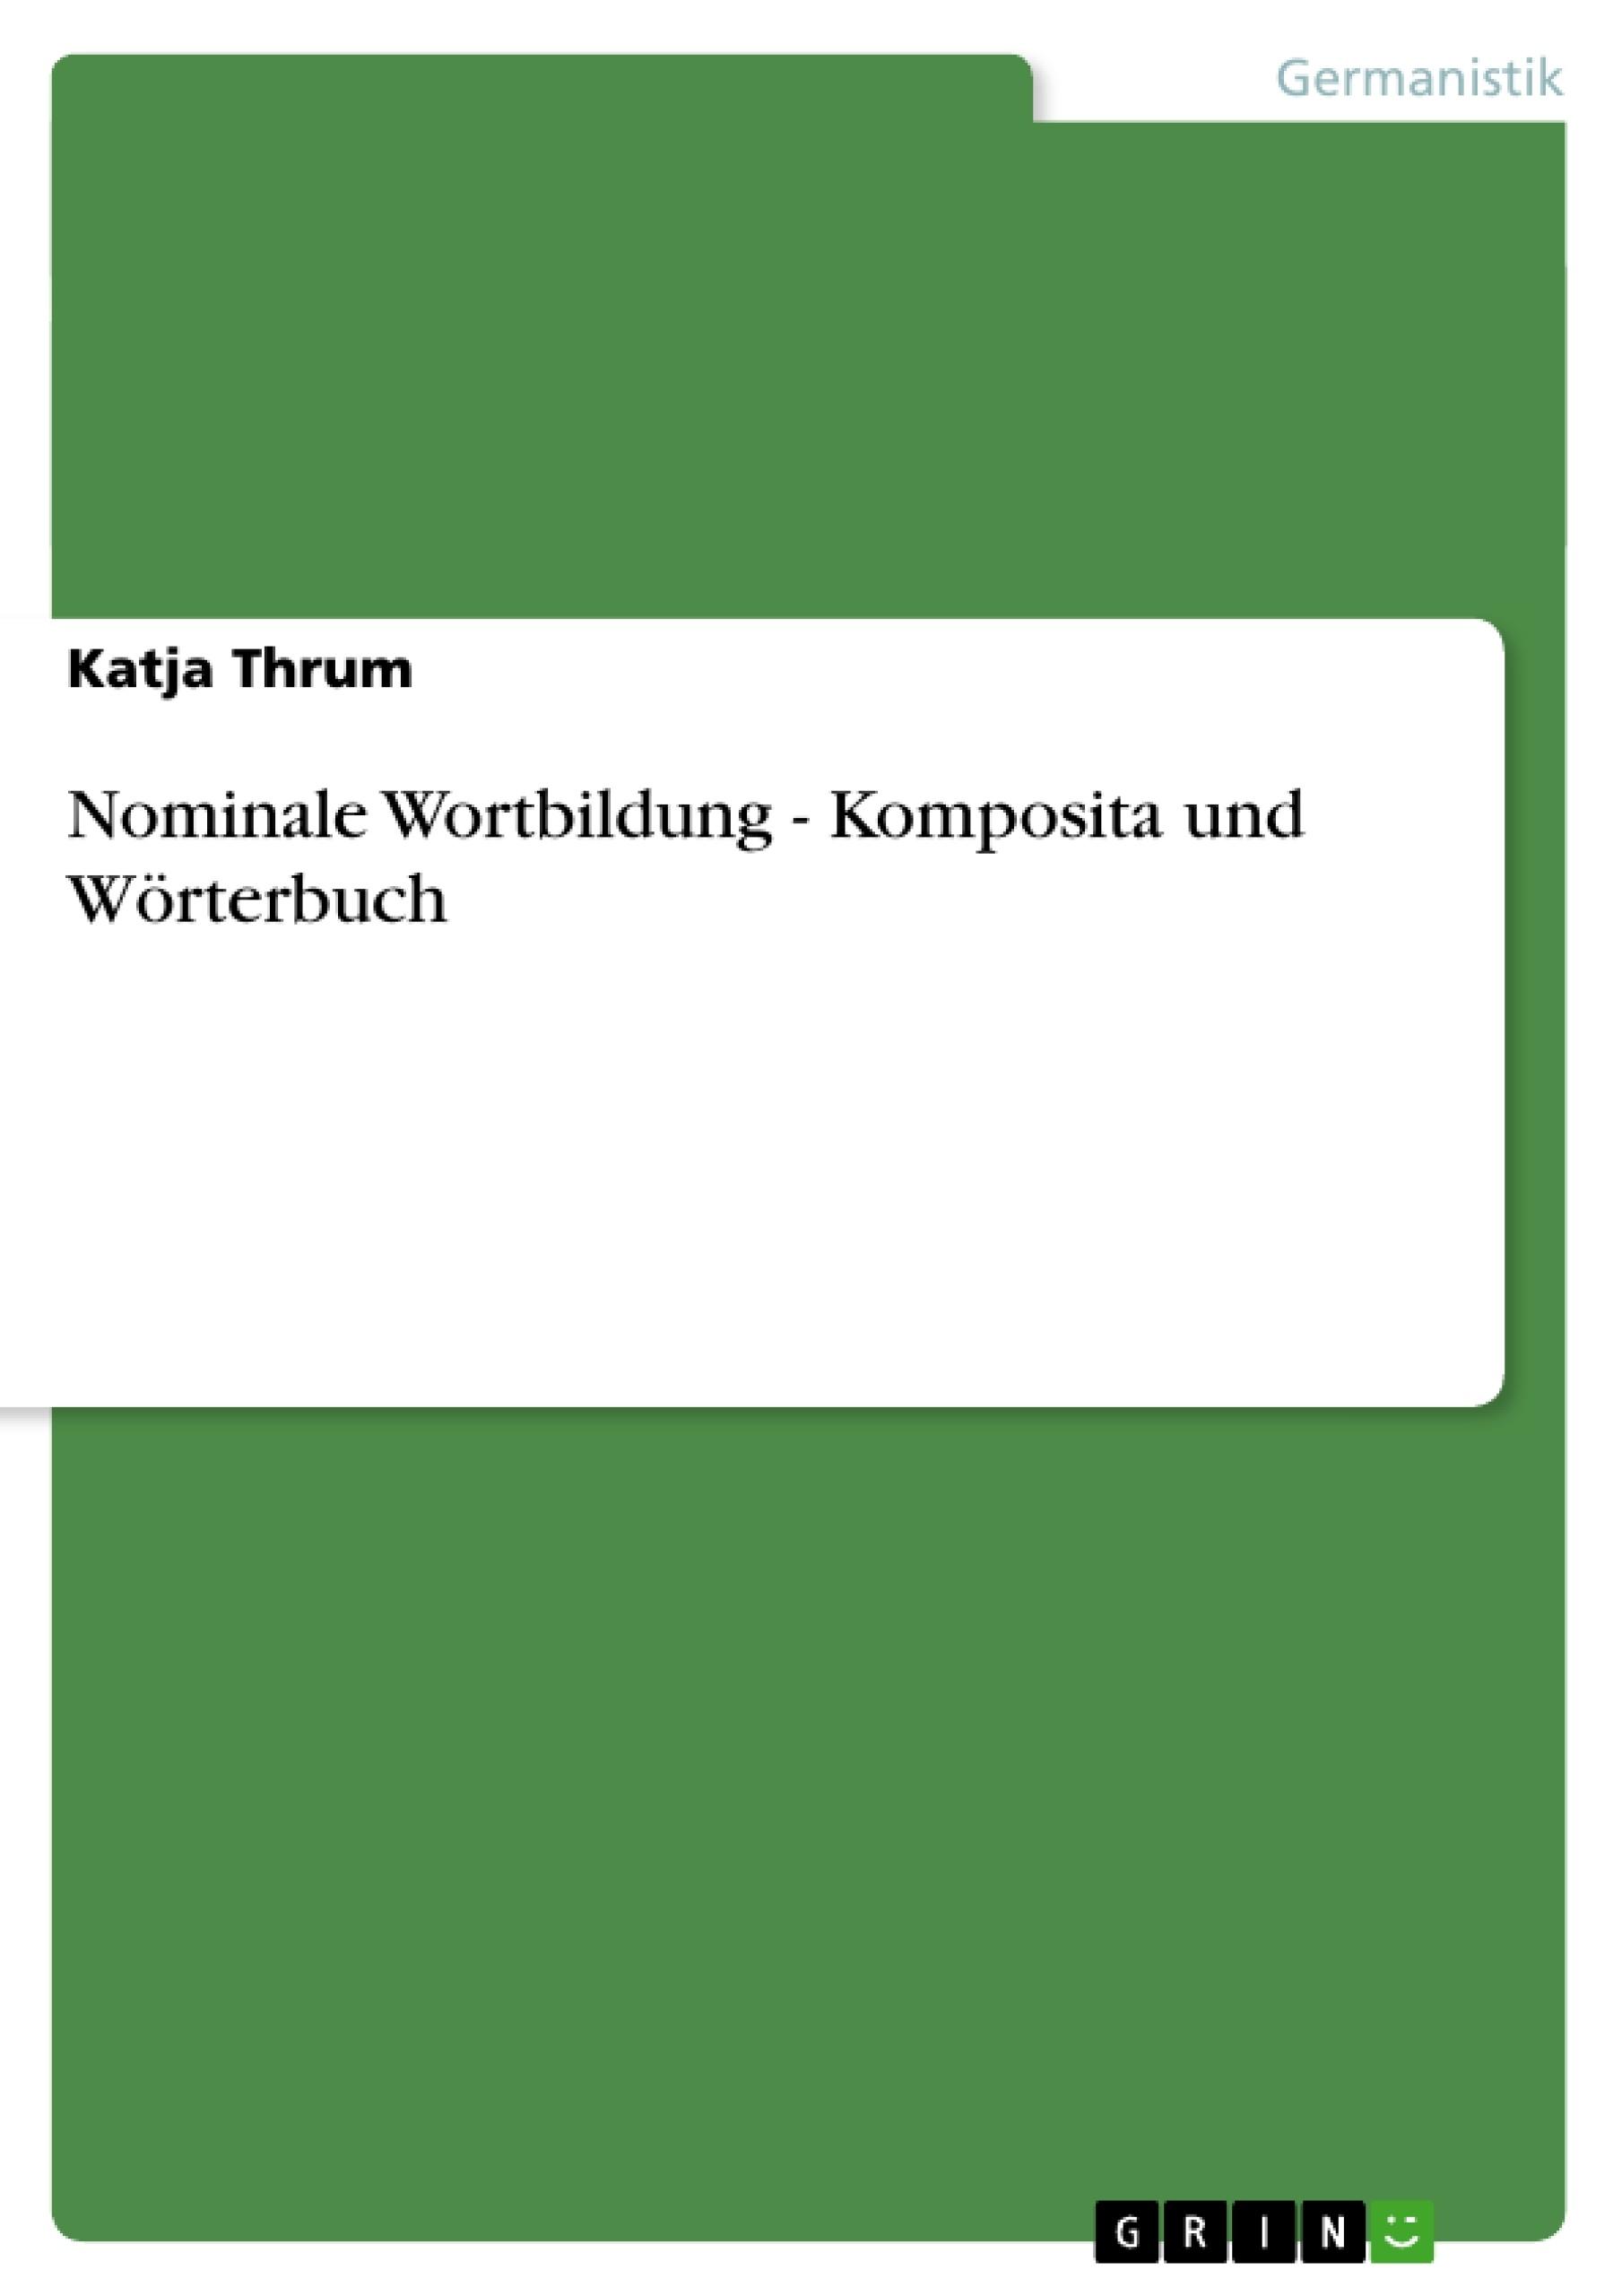 Titel: Nominale Wortbildung - Komposita und Wörterbuch